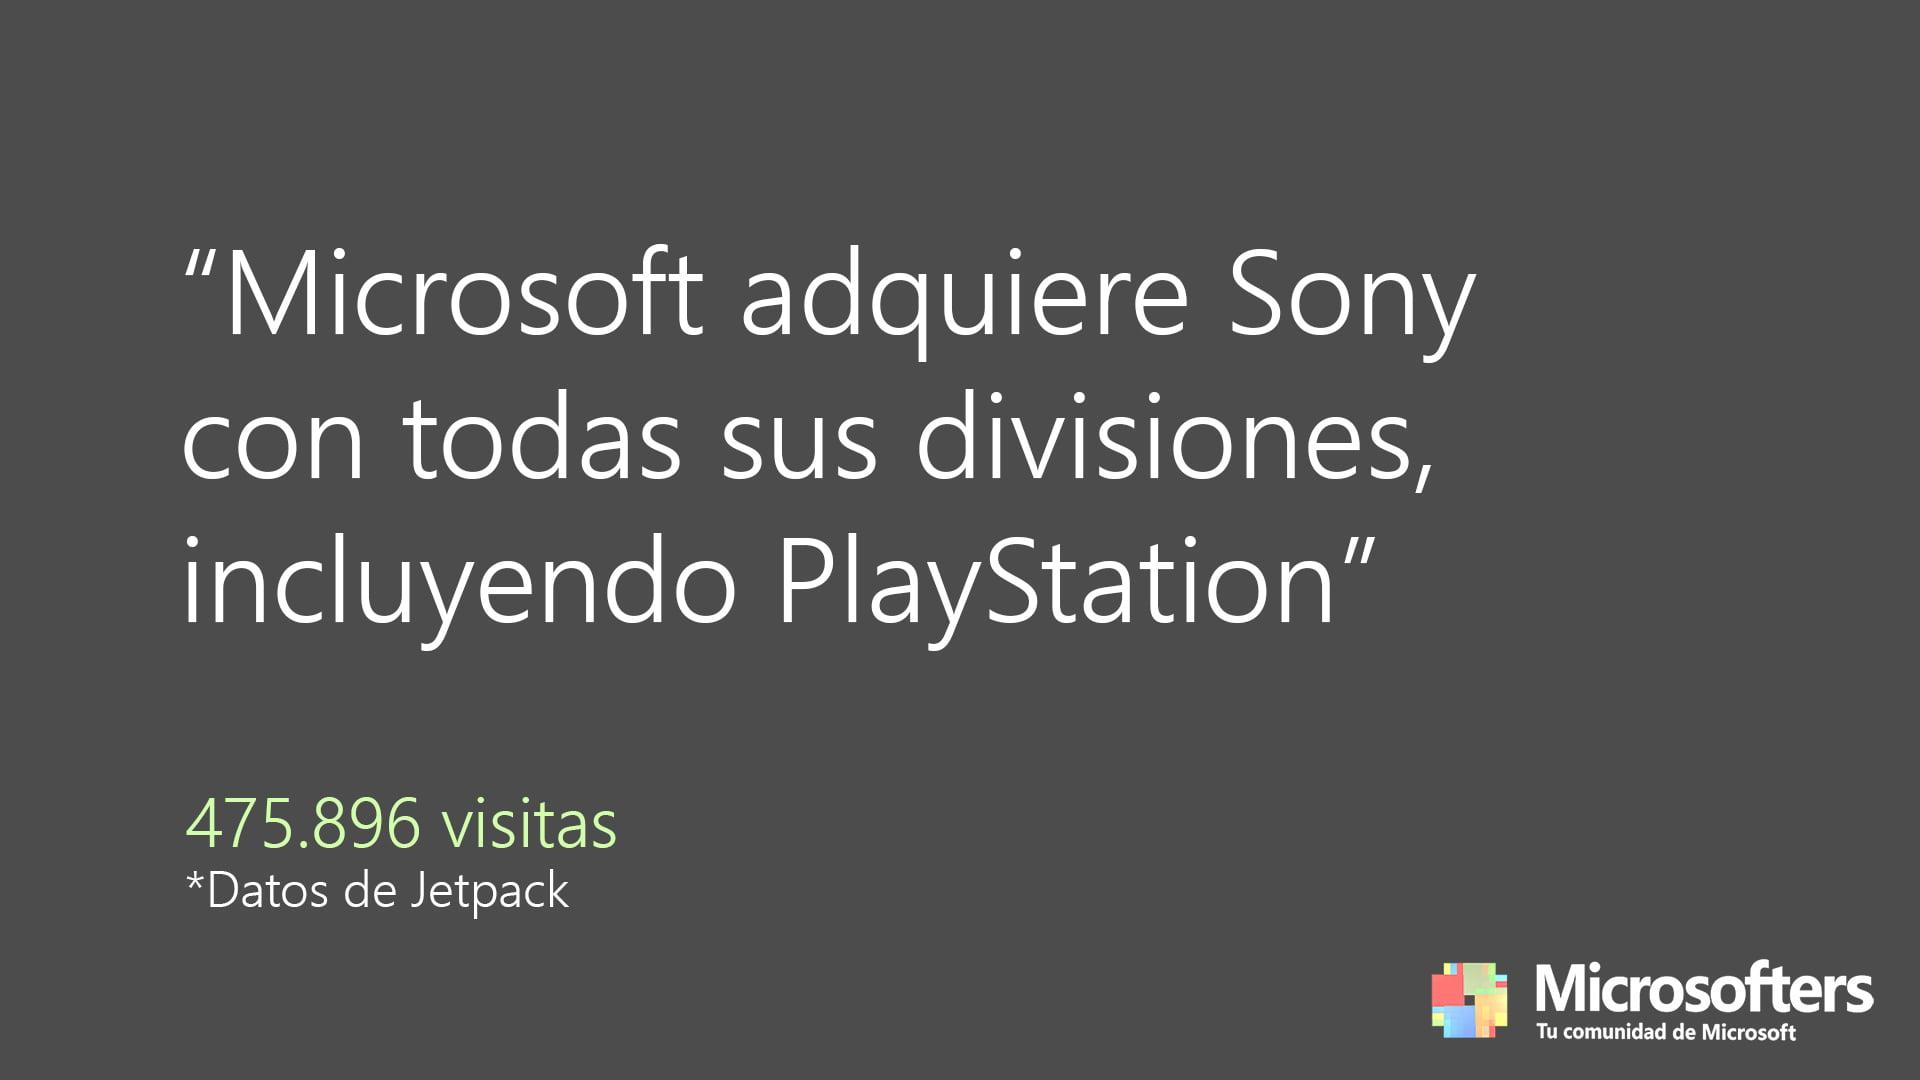 La noticia de la compra de Sony fue la más leída en Microsofters durante 2020